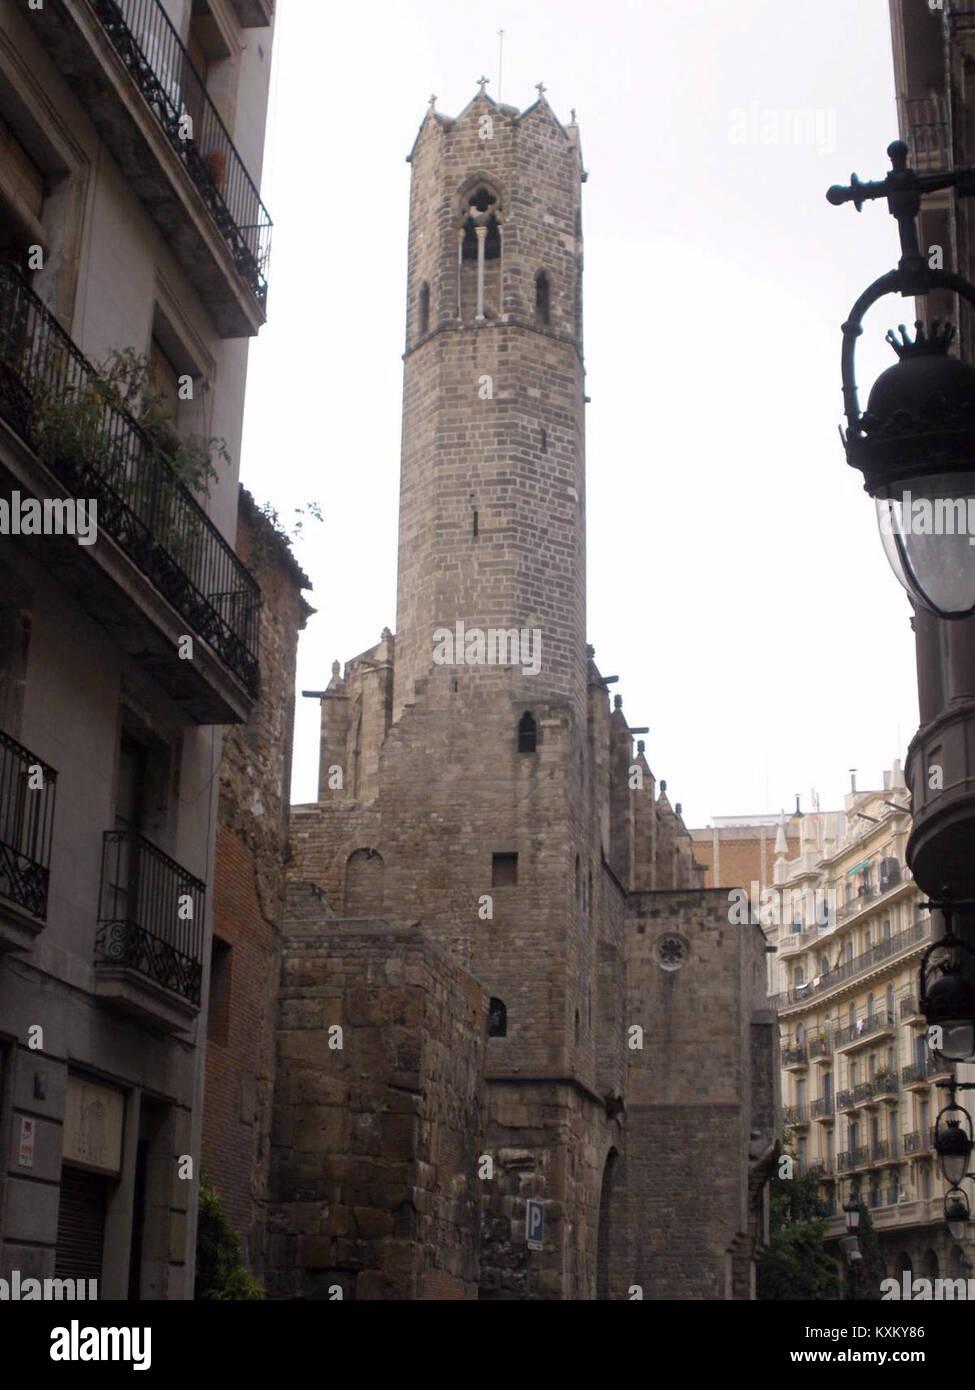 Barcelona - Palau Reial Major, Capella de Santa Àgata 04 - Stock Image